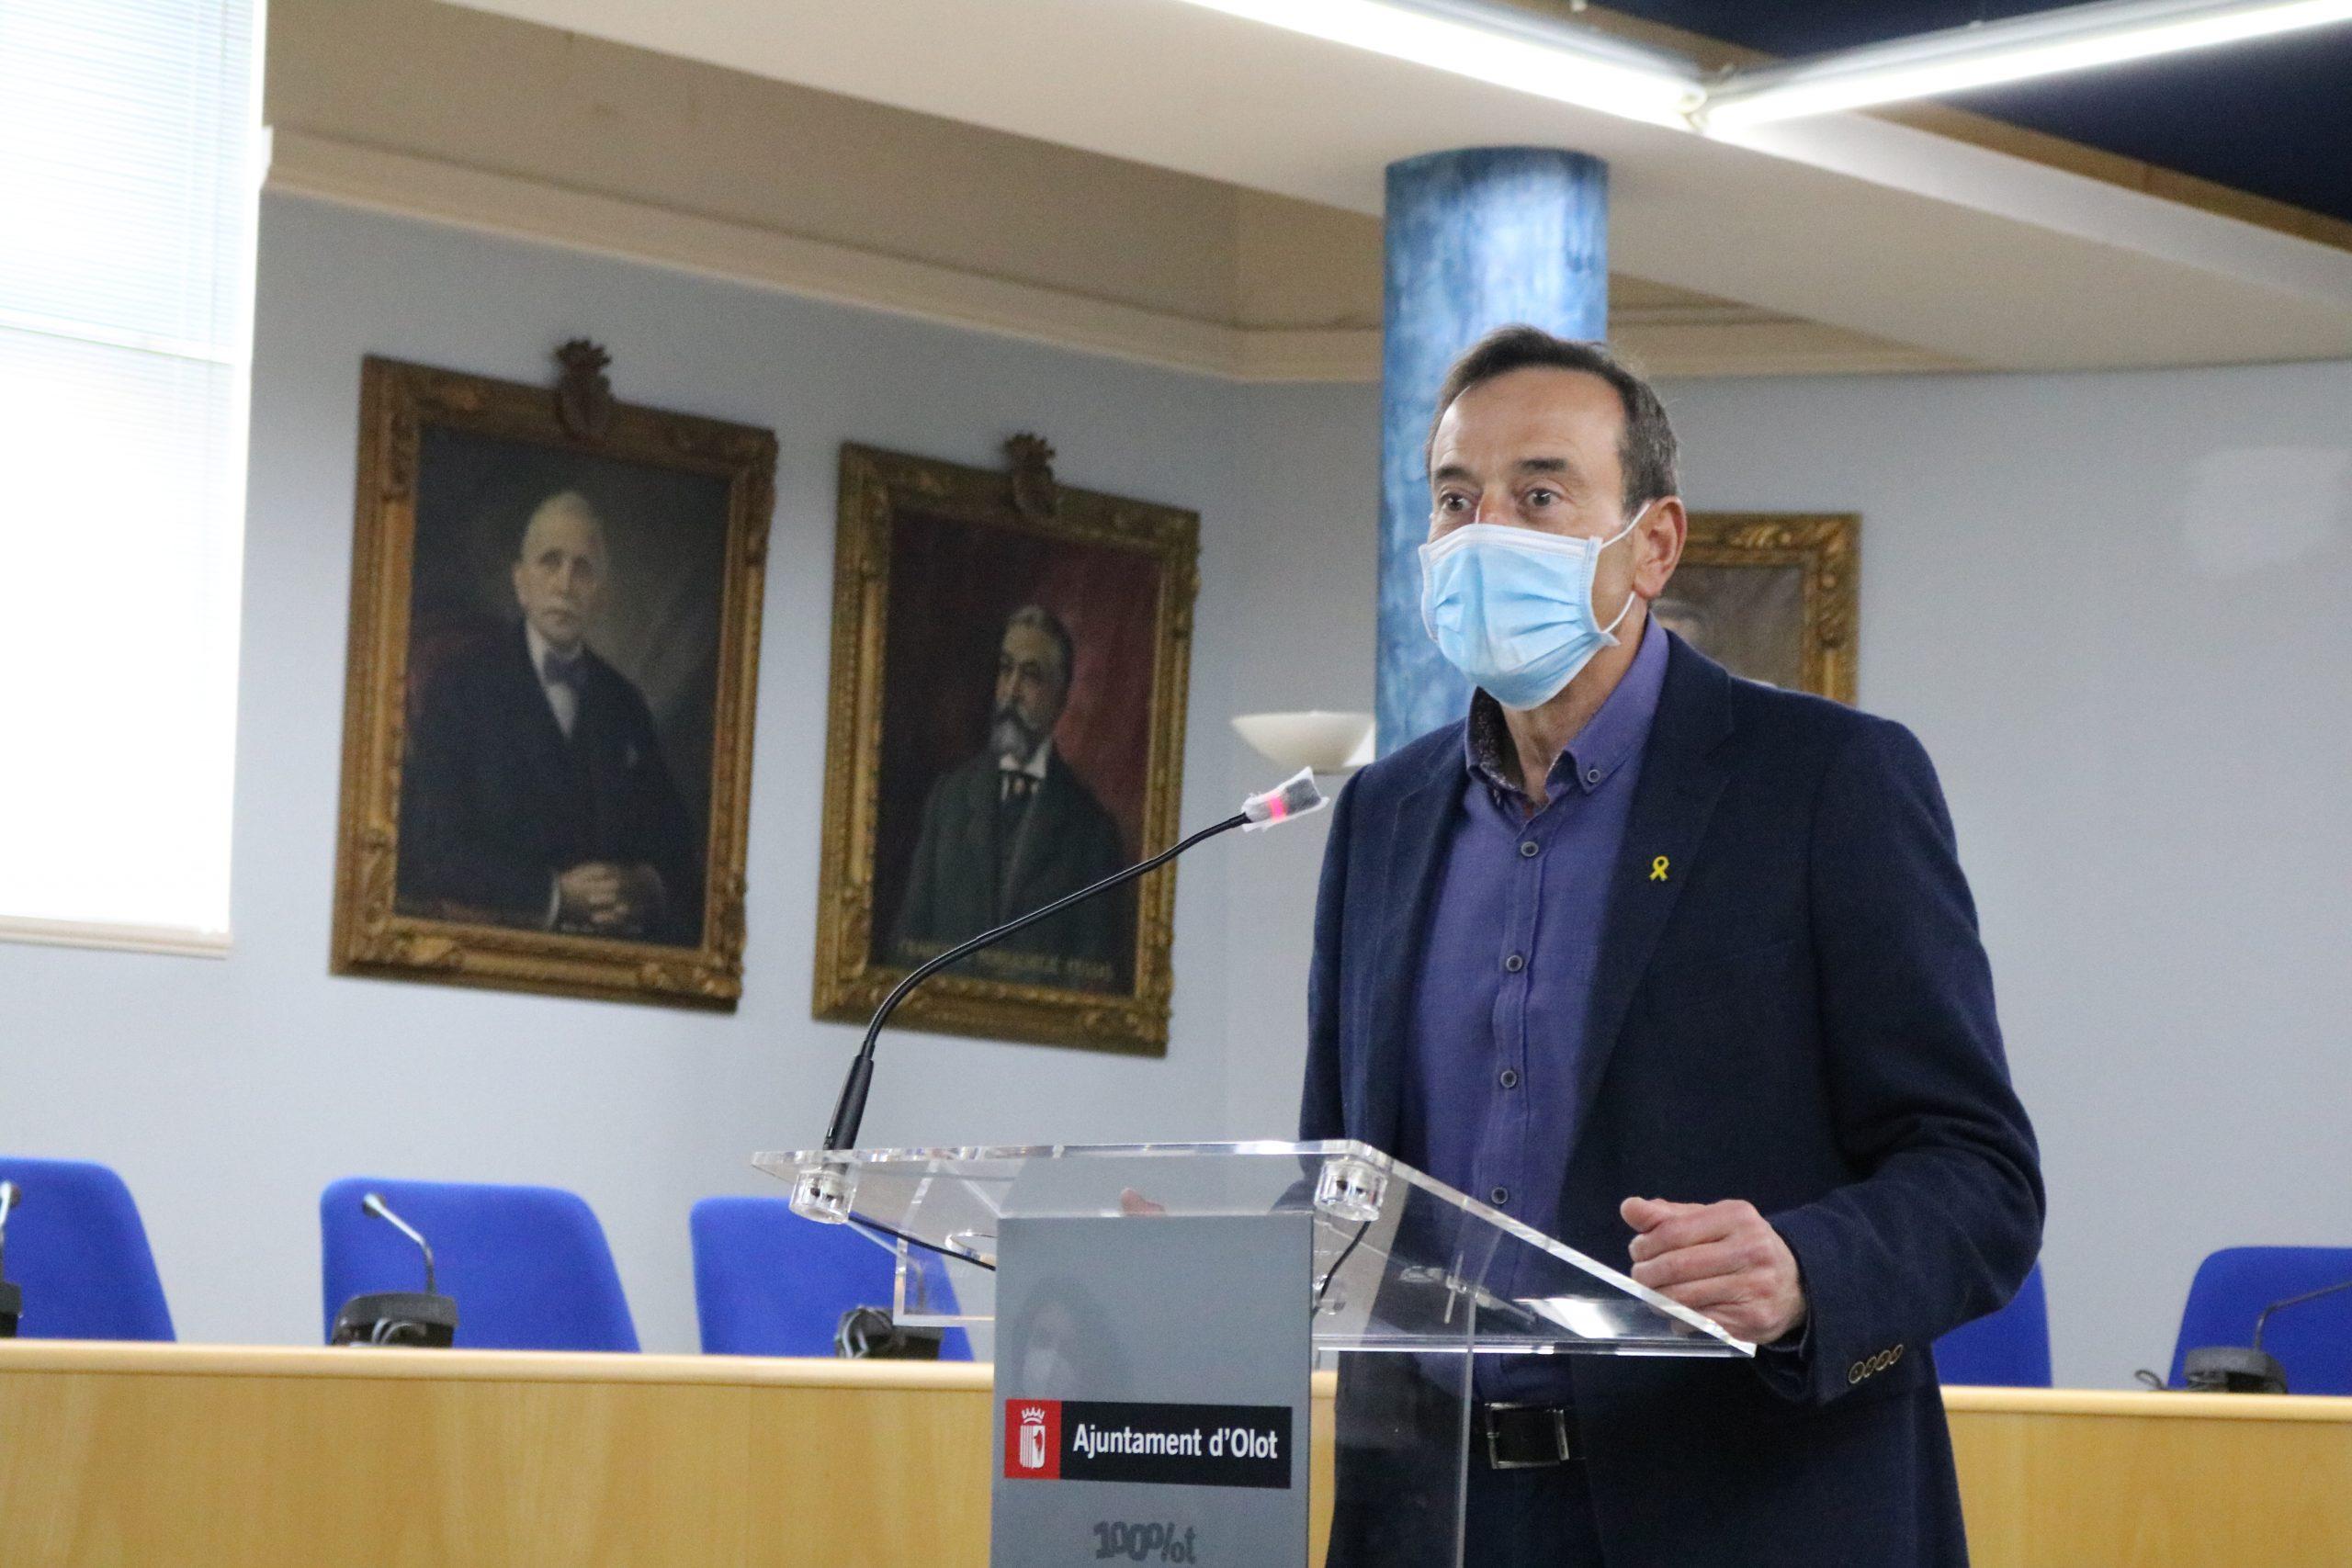 L'Ajuntament d'Olot preveu noves línies d'ajuda a sectors econòmics afectats per la pandèmia